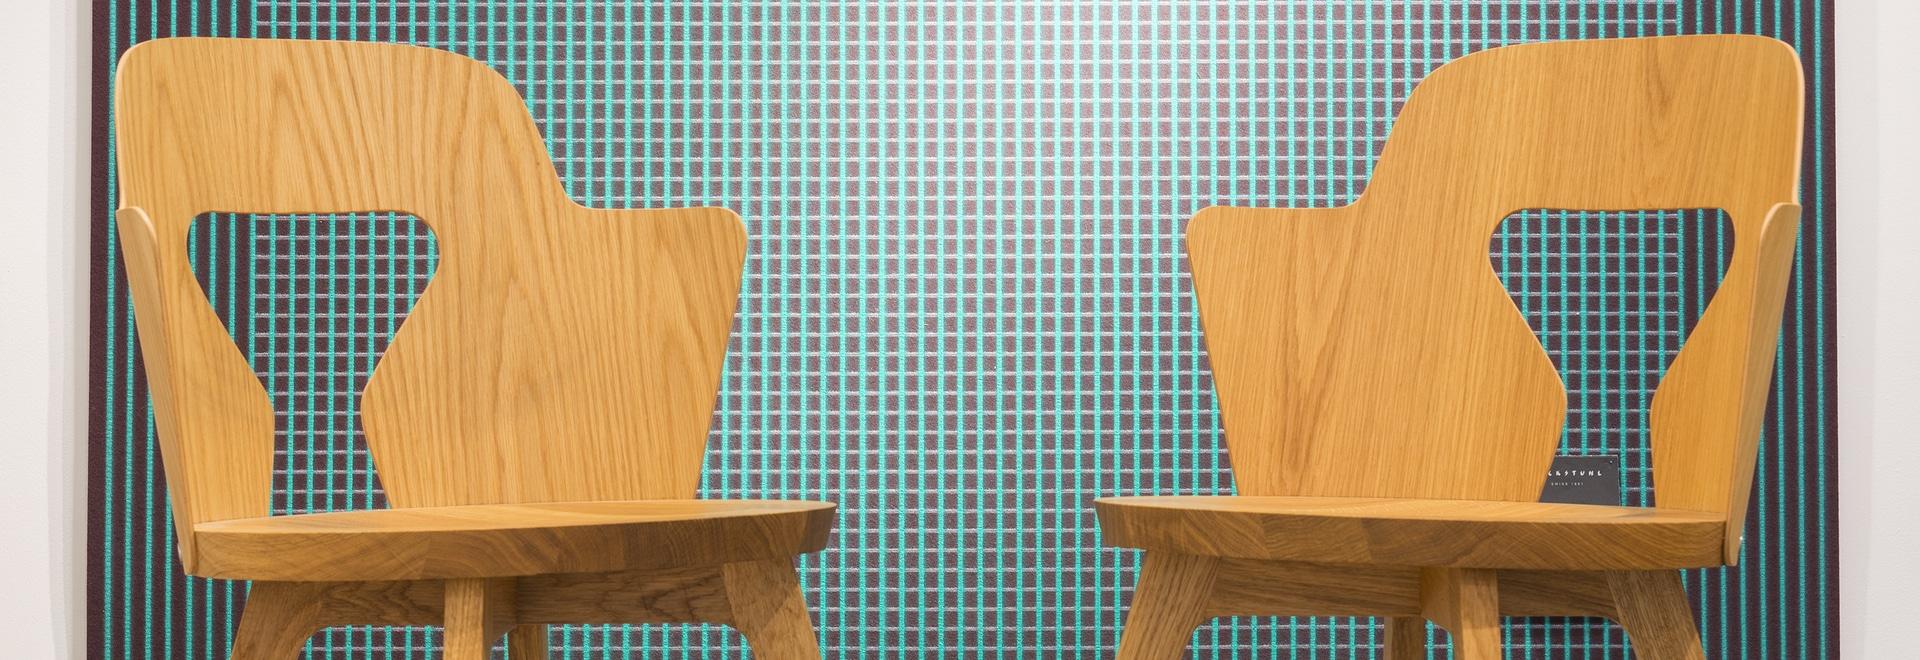 Stammplatz-Stuhl in Mailand!